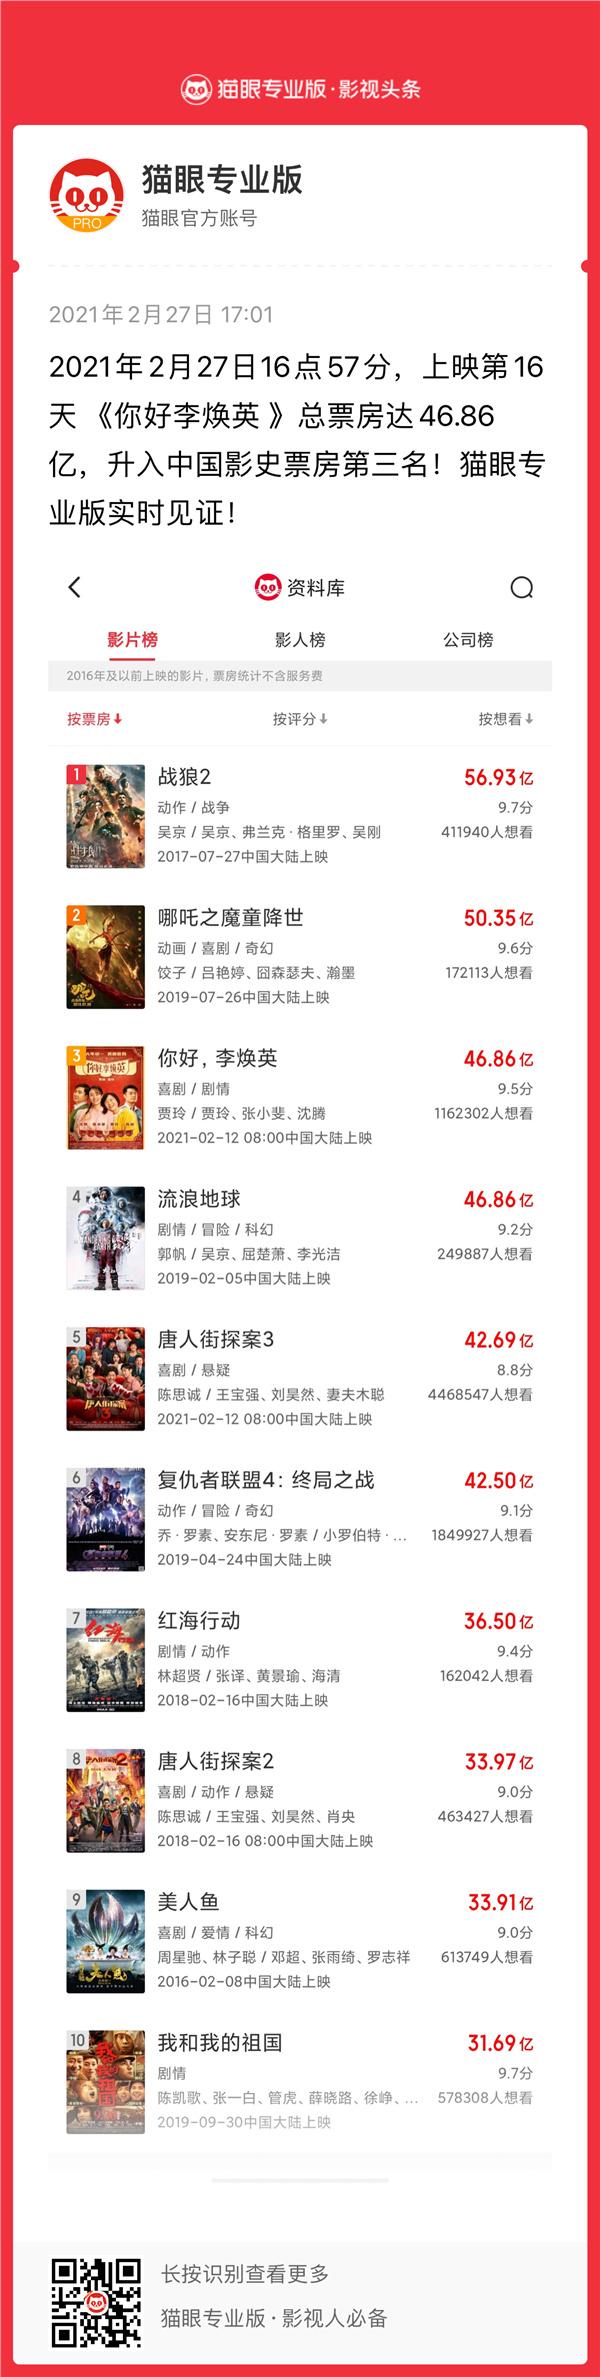 《你好李焕英》票房超《流浪地球》位列影史第三